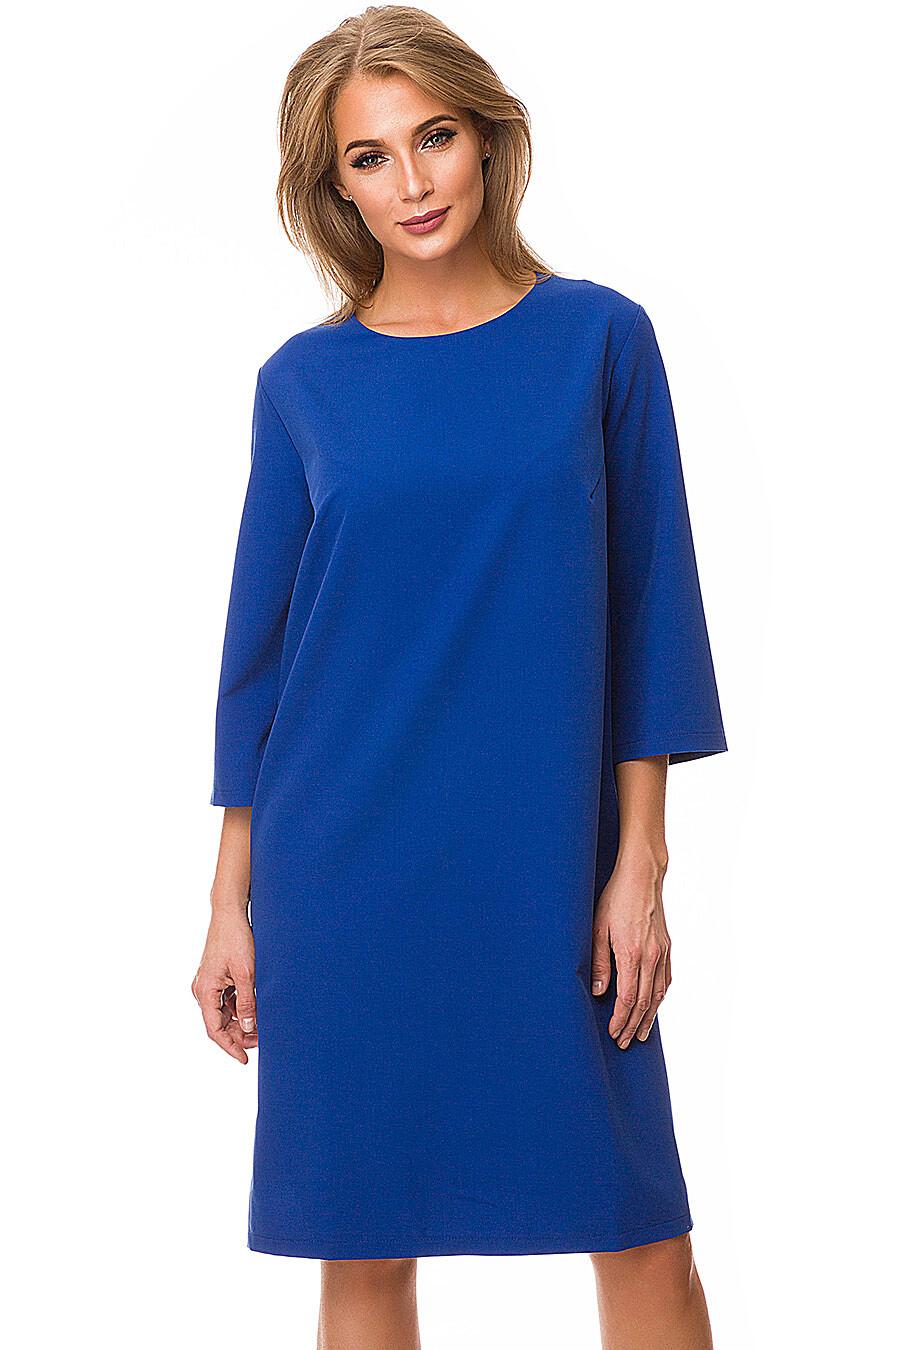 Платье AMARTI (86074), купить в Moyo.moda